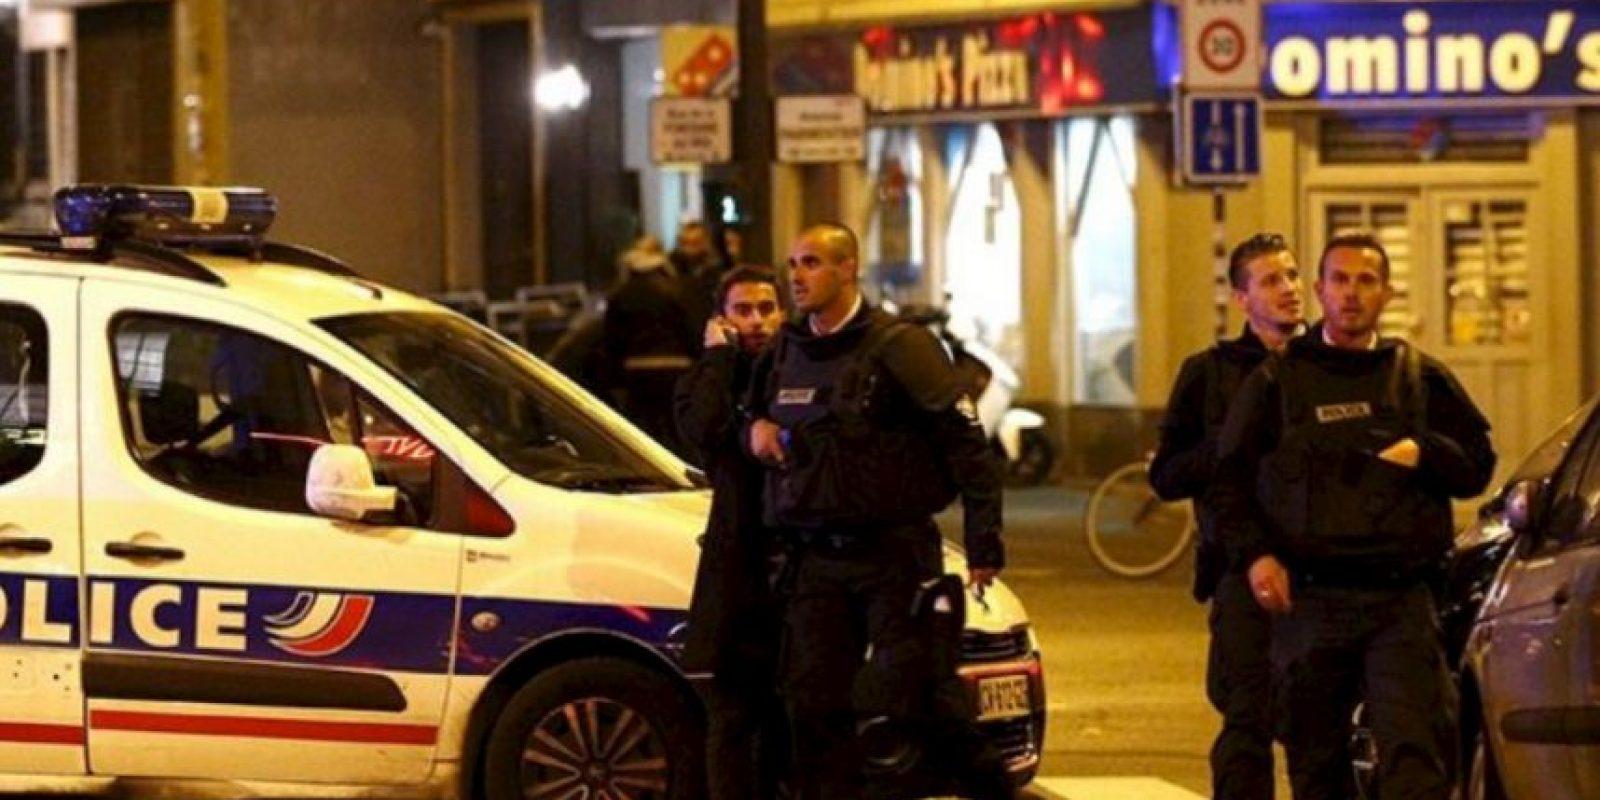 Llega la policía. Abate a los terroristas. Foto:vía Twitter